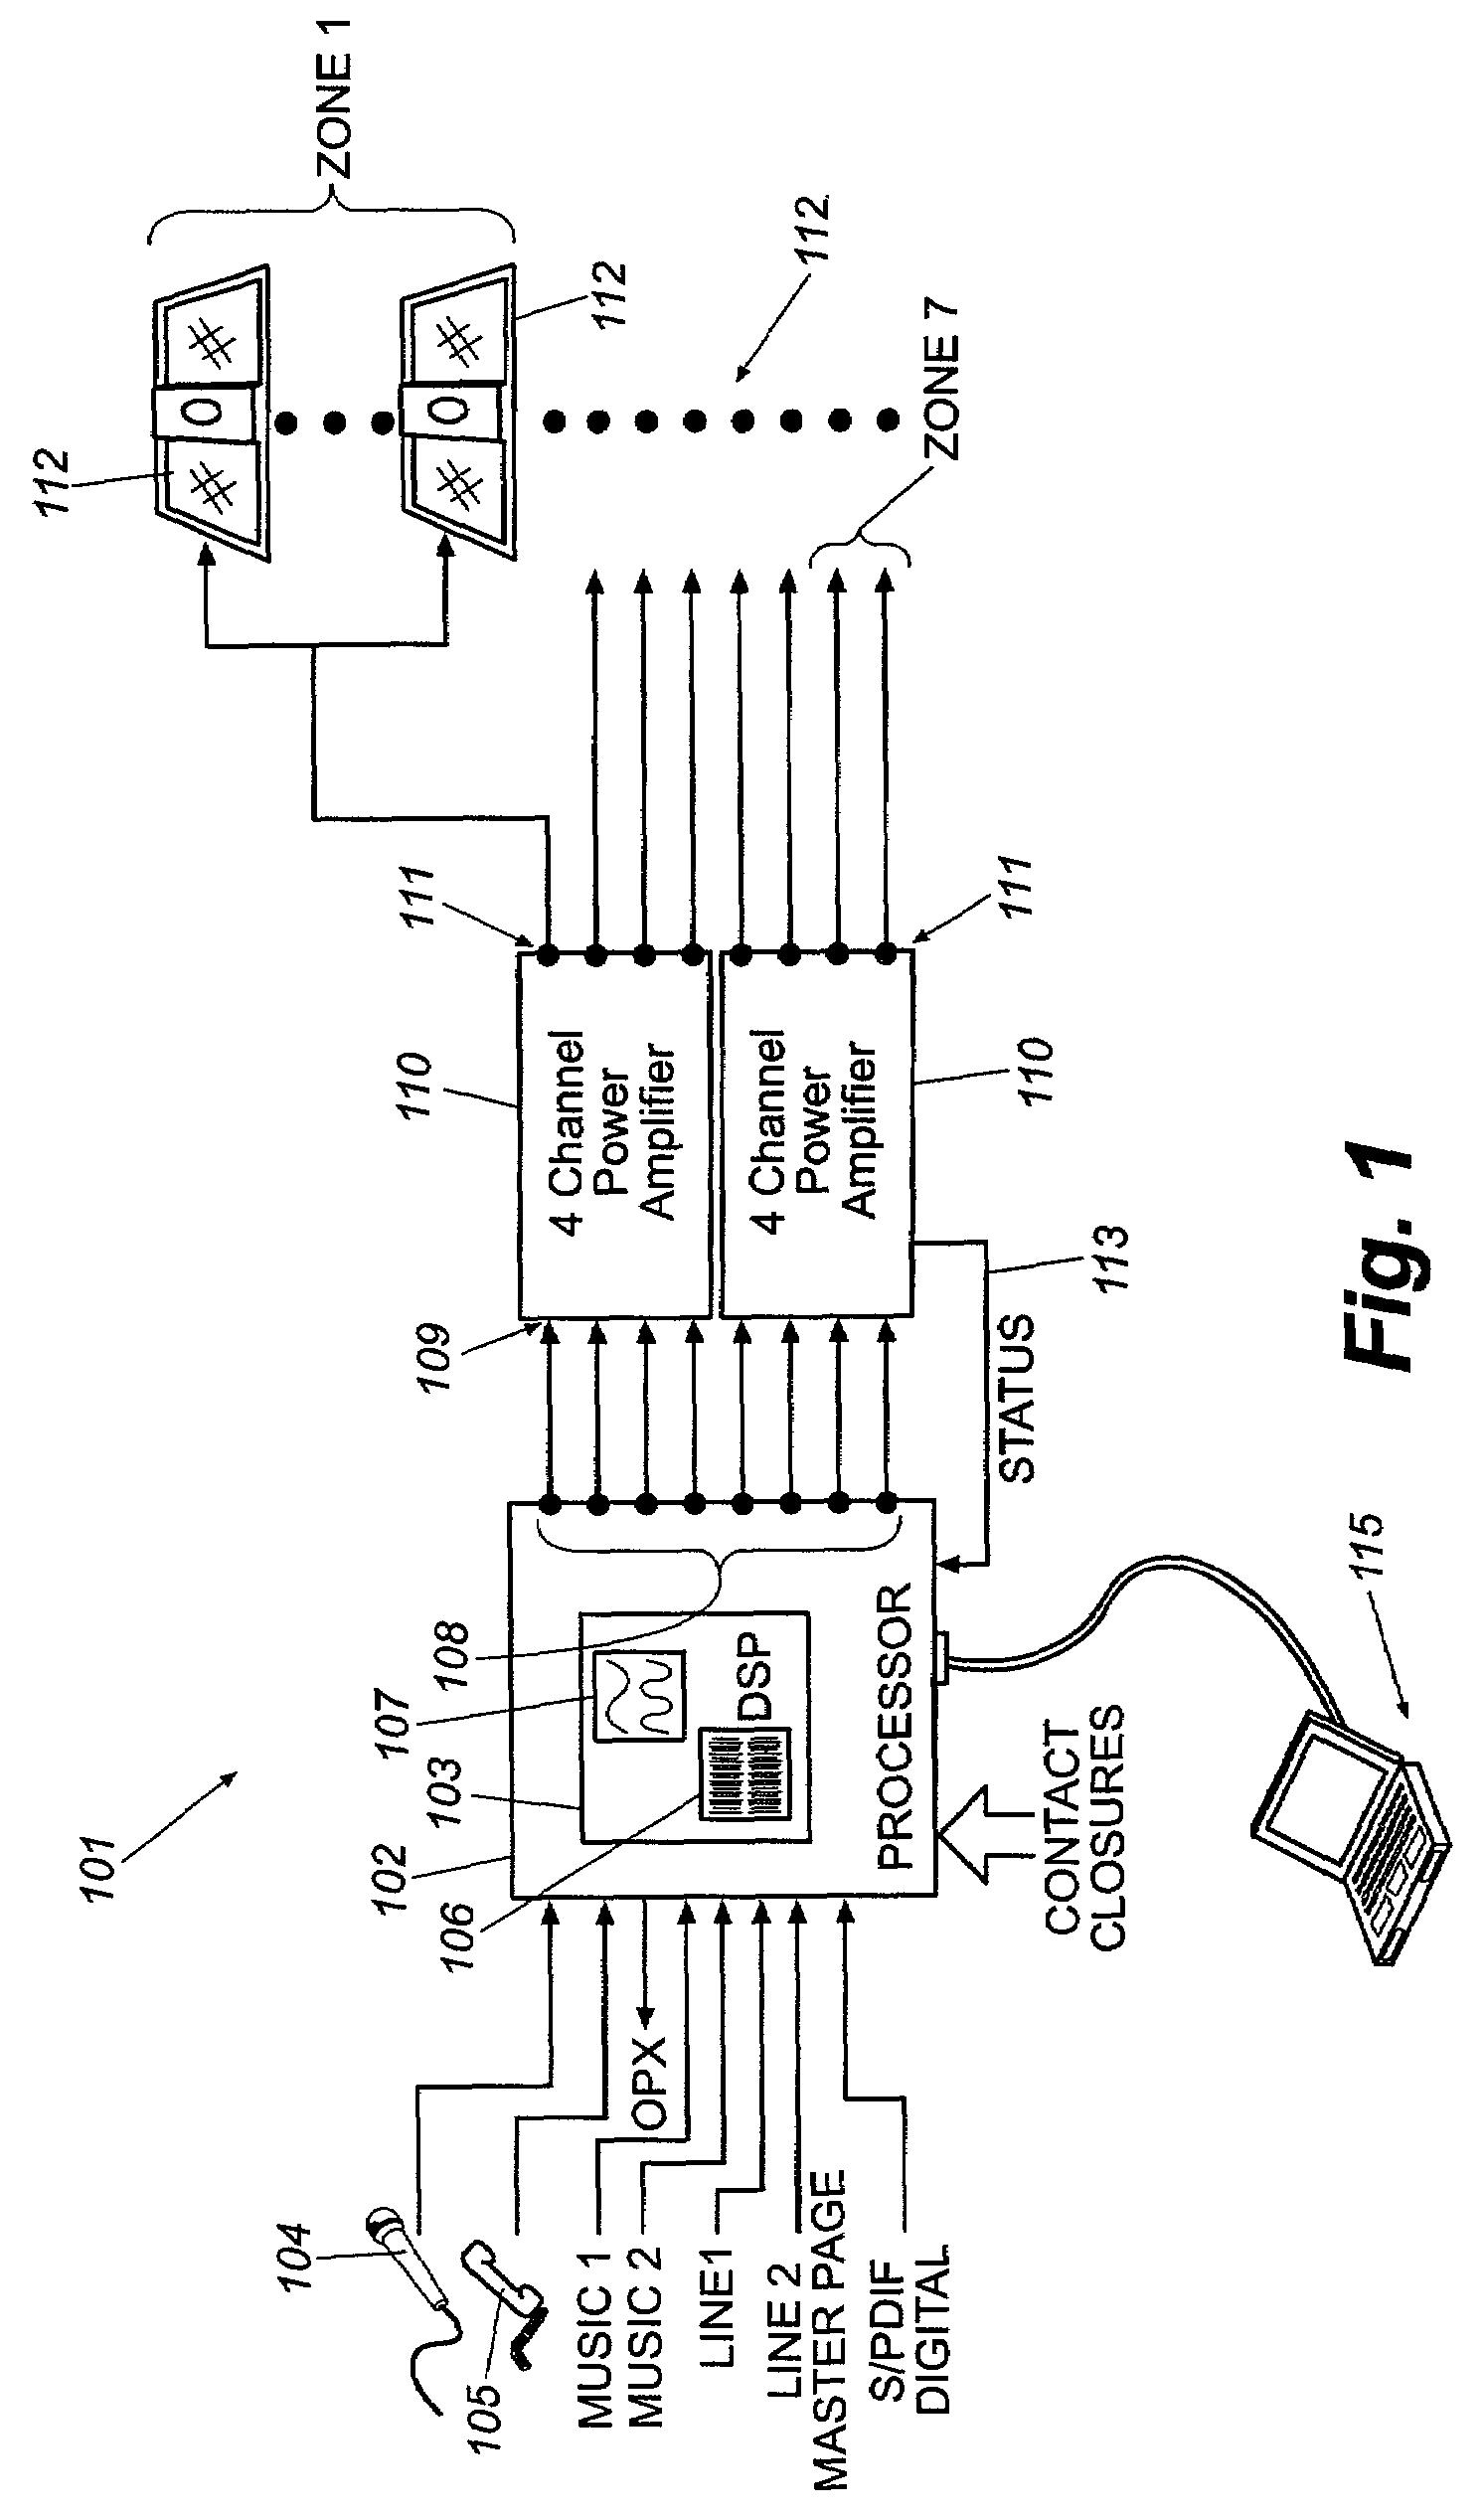 Steelcase Panel Wireing System Schematics : 41 Wiring